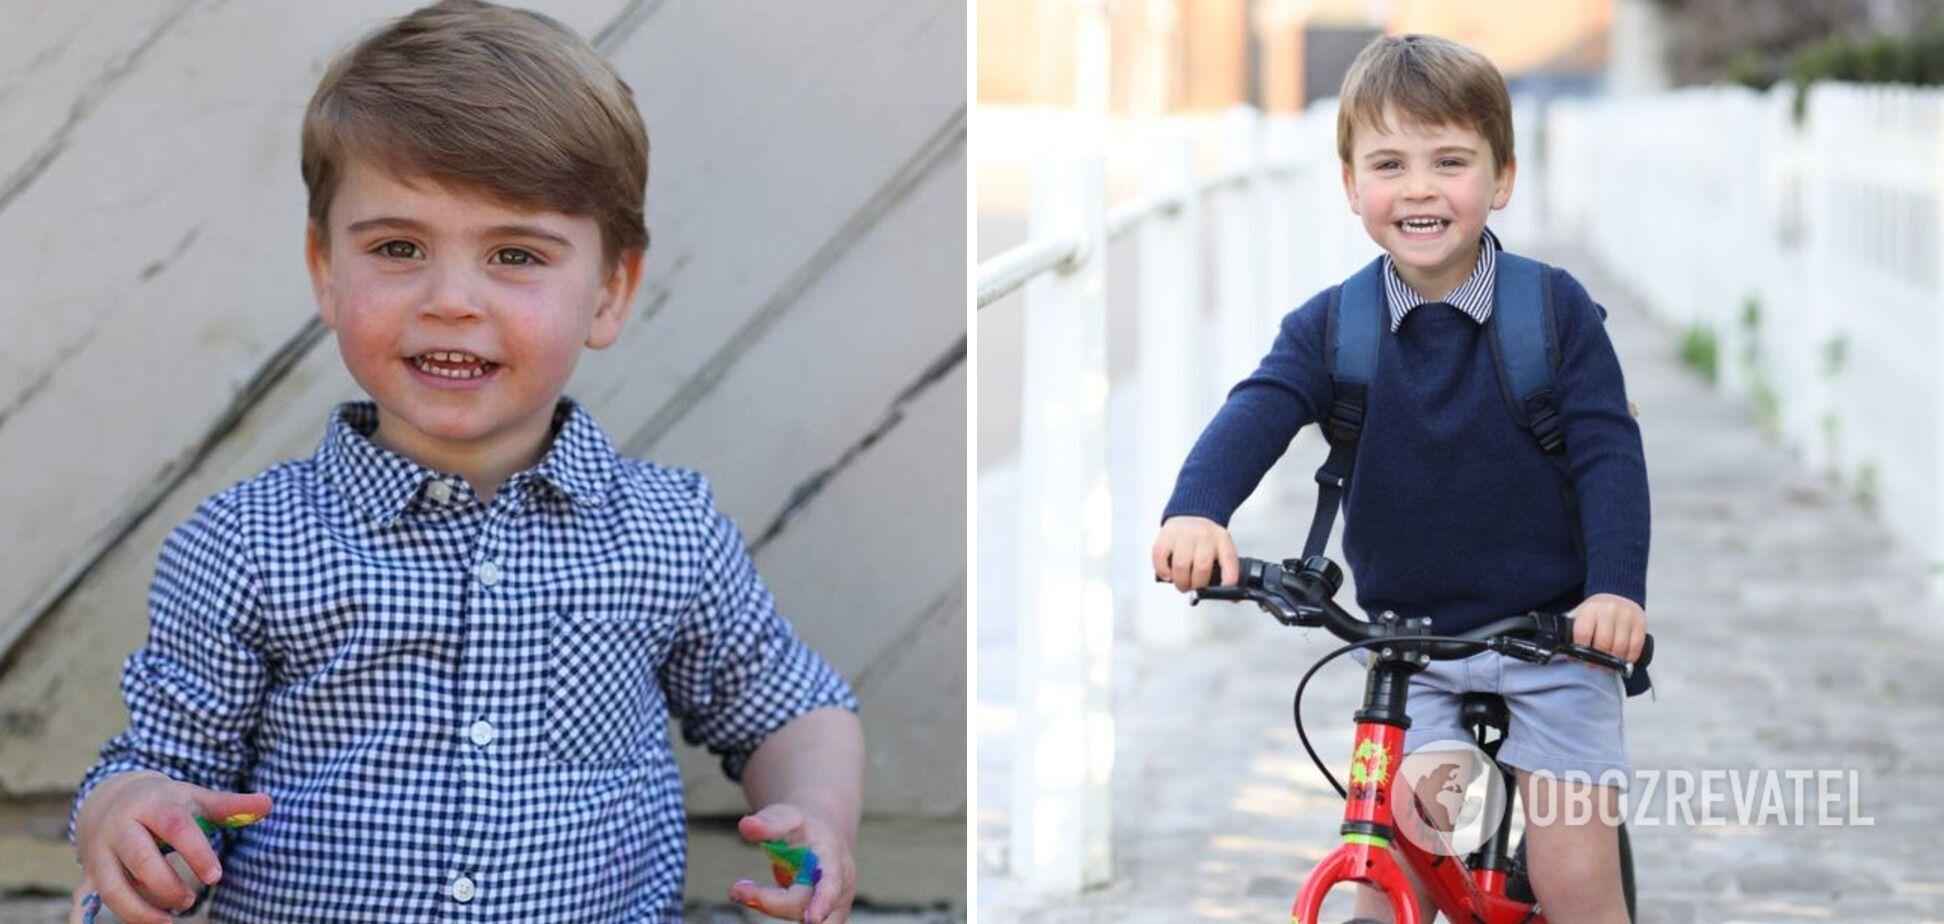 Принц Луи является младшим сыном принца Уильяма и Кейт.